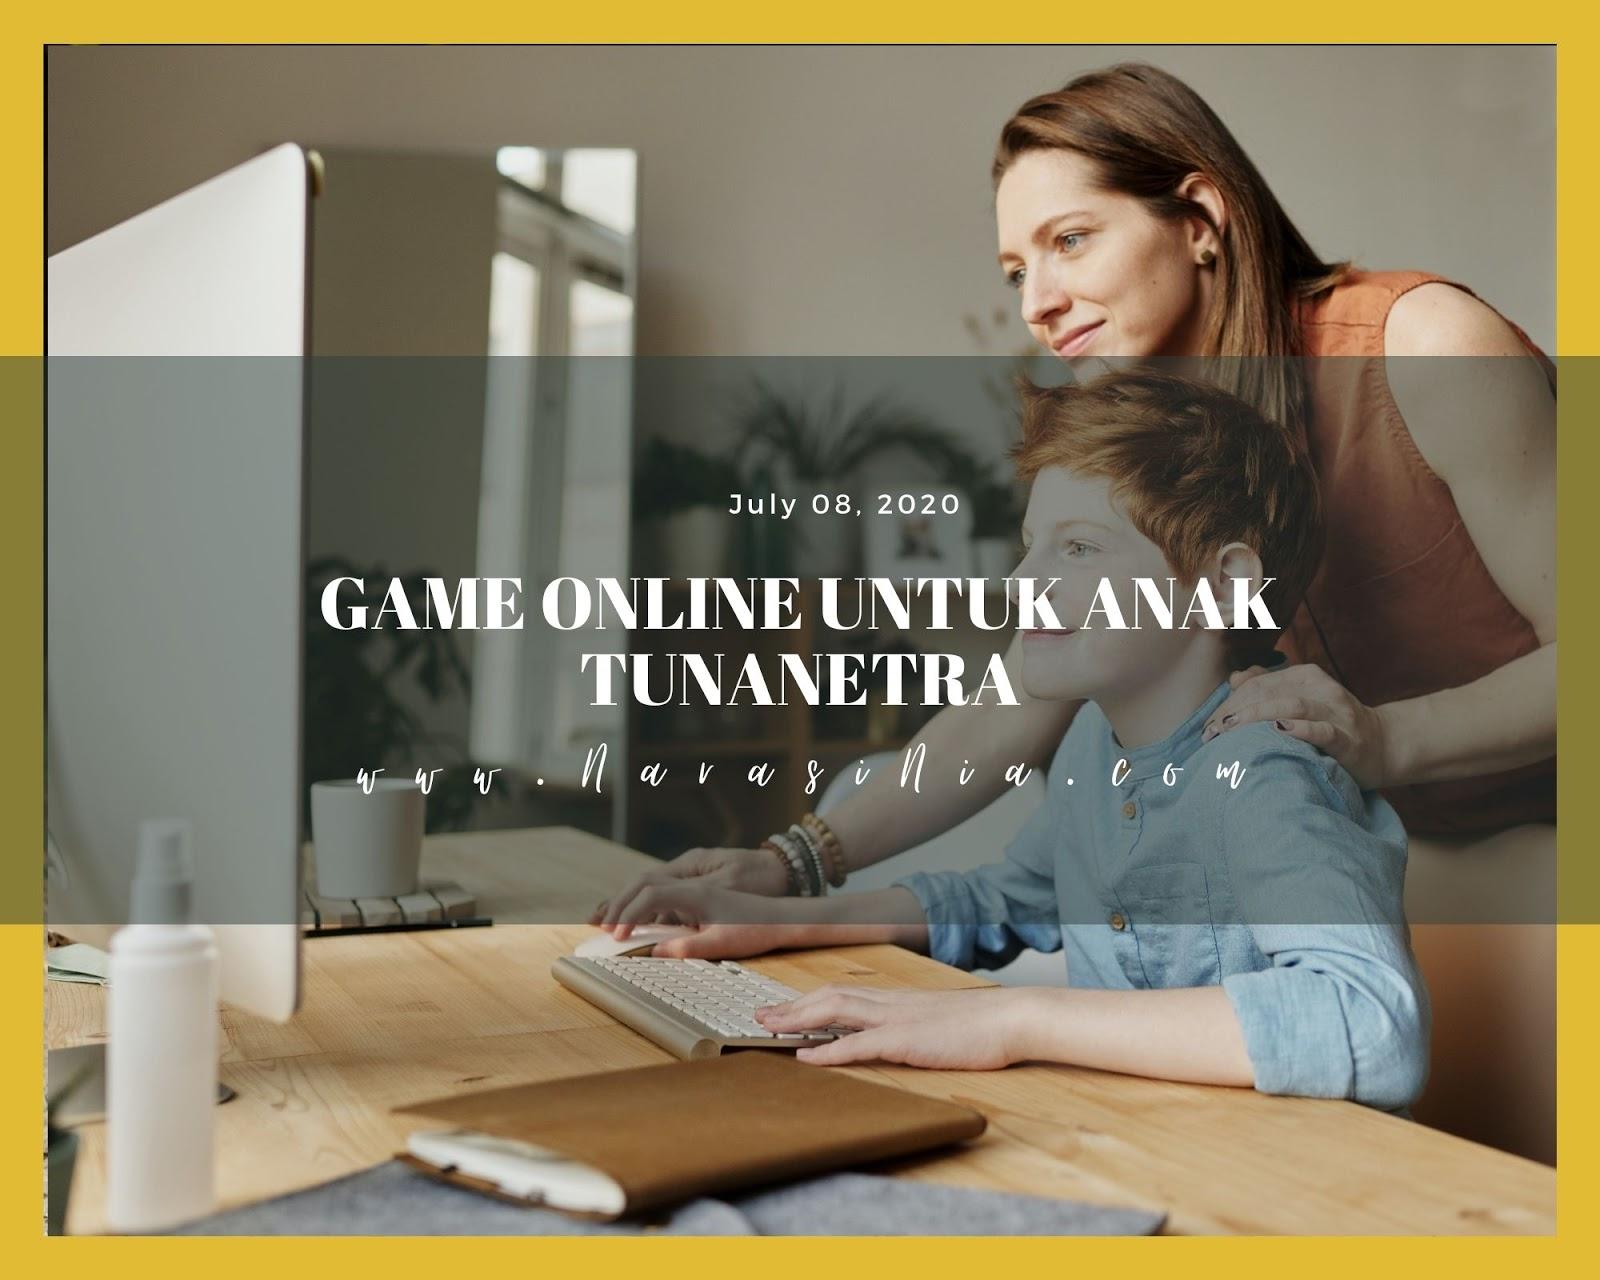 Game Online Untuk Anak Tunanetra